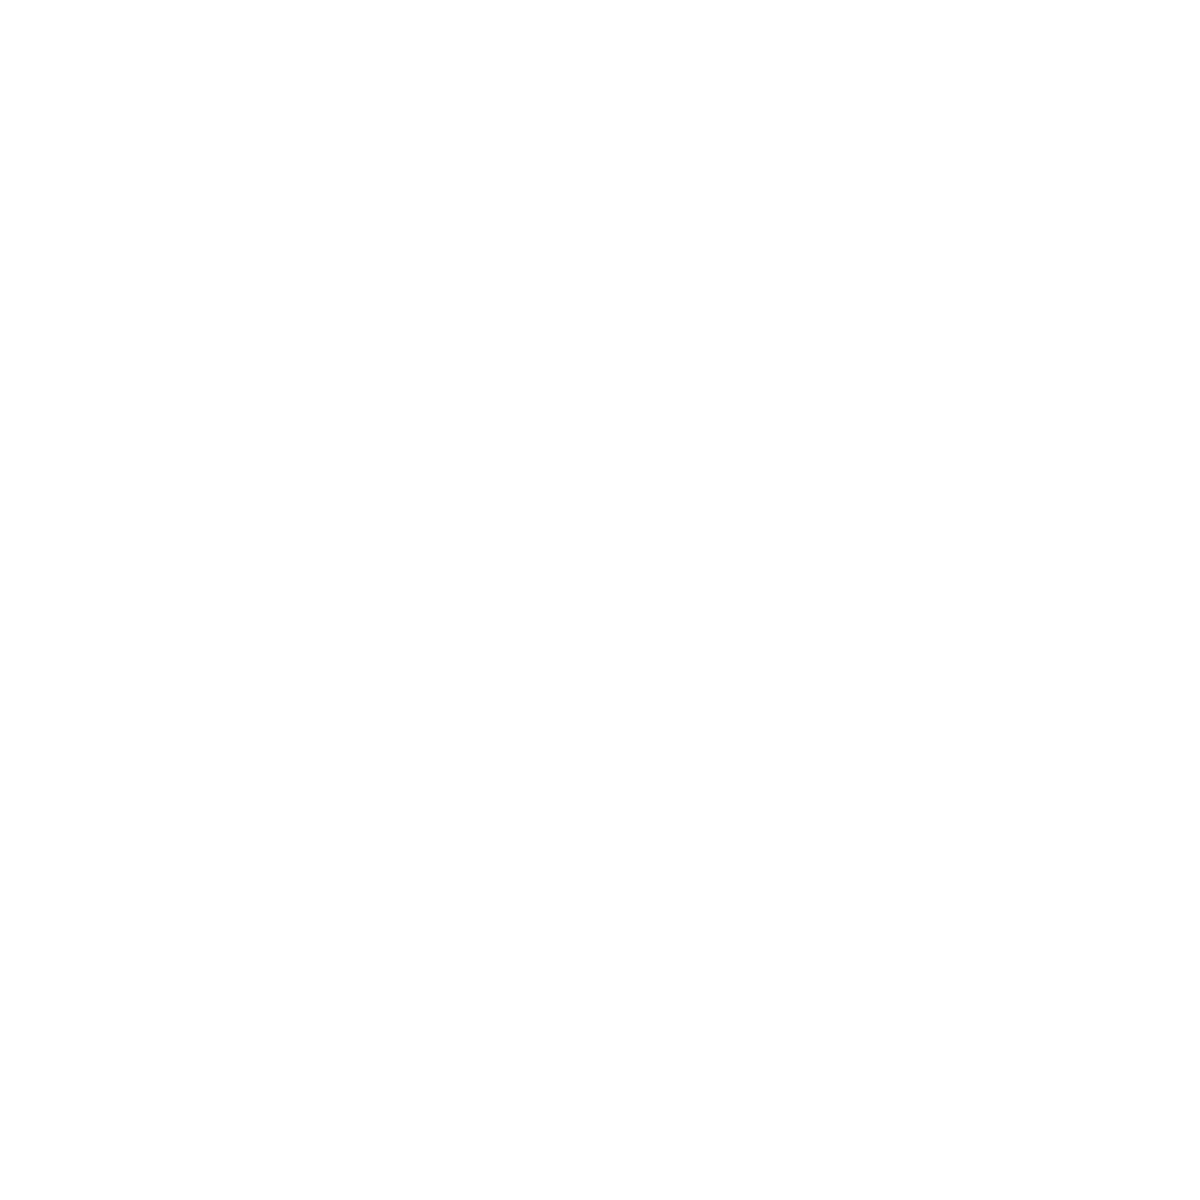 noun_Facebook_2060938_ffffff.png